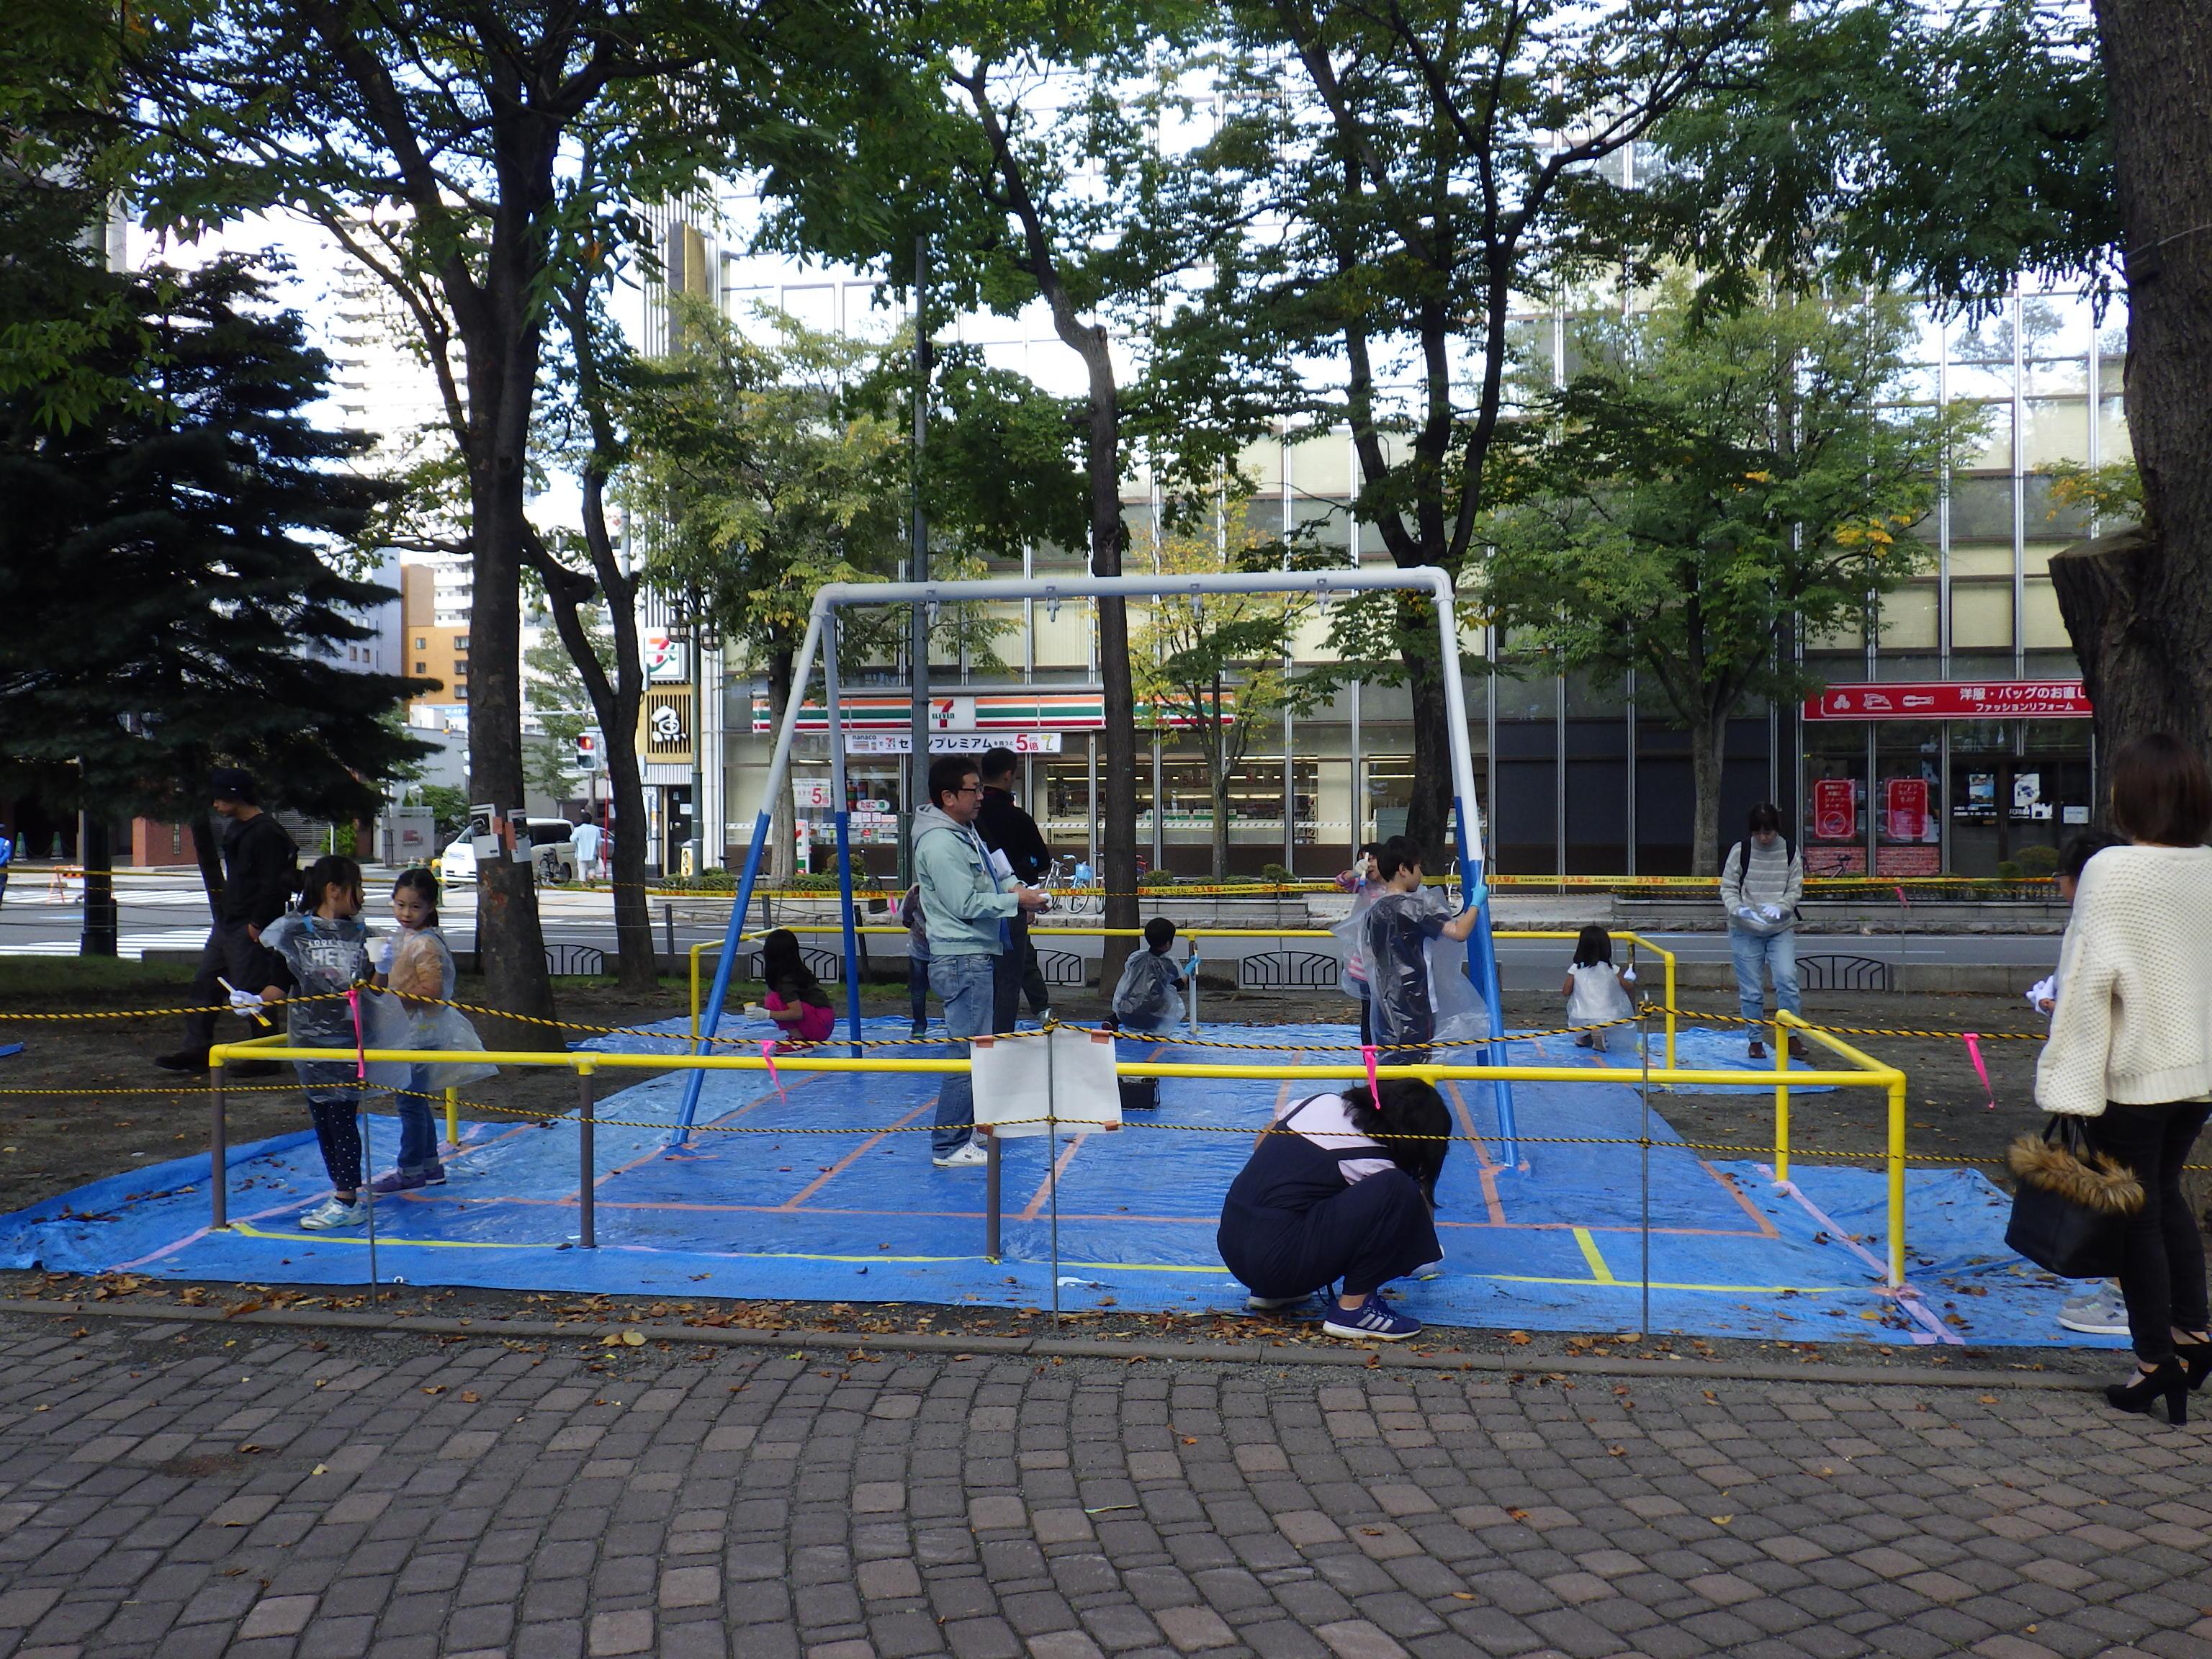 10月6日の遊具塗装体験で2人用ブランコに塗装をする子どもたち